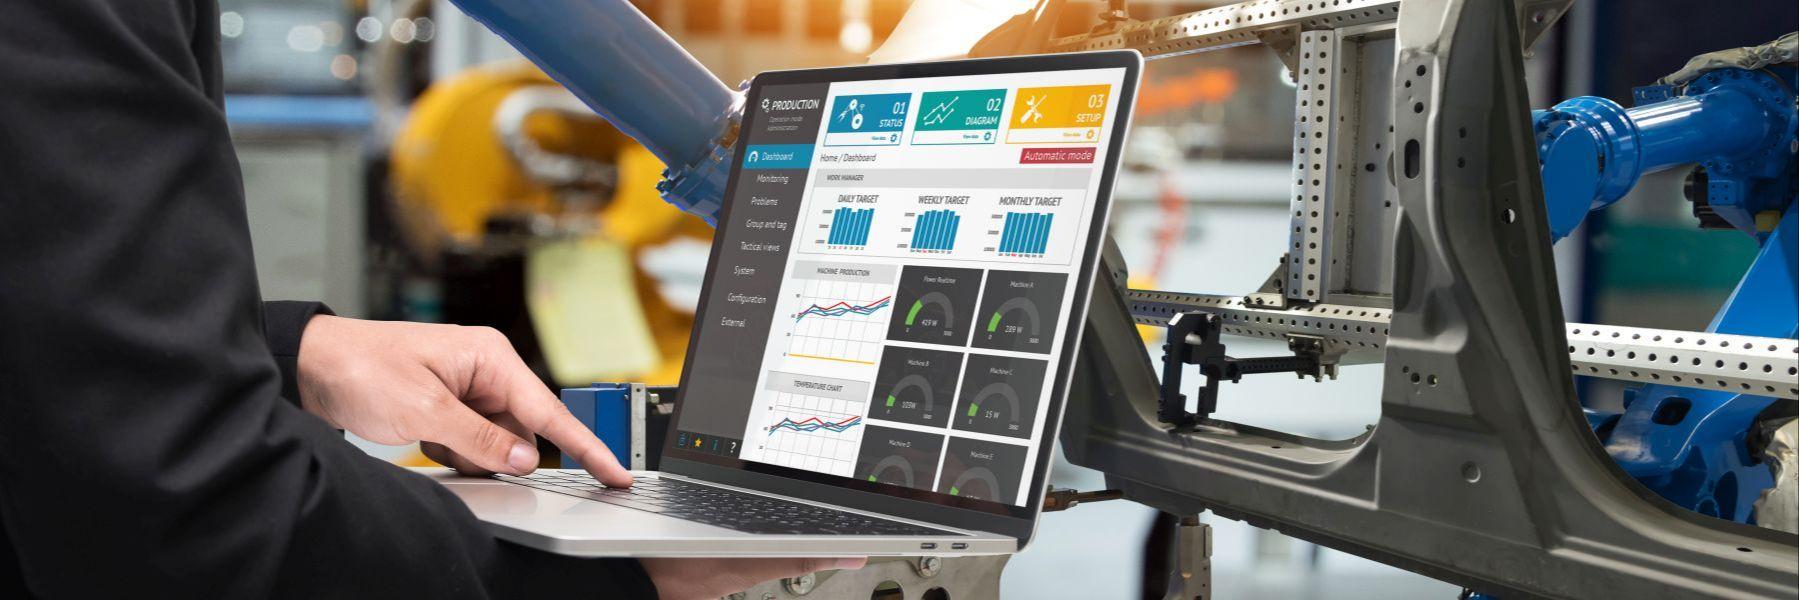 Digitalisierung in der Industrie: Laptop zeigt Diagramme und überwacht Produktionsanlagen, die im Hintergrund zu sehen sind.